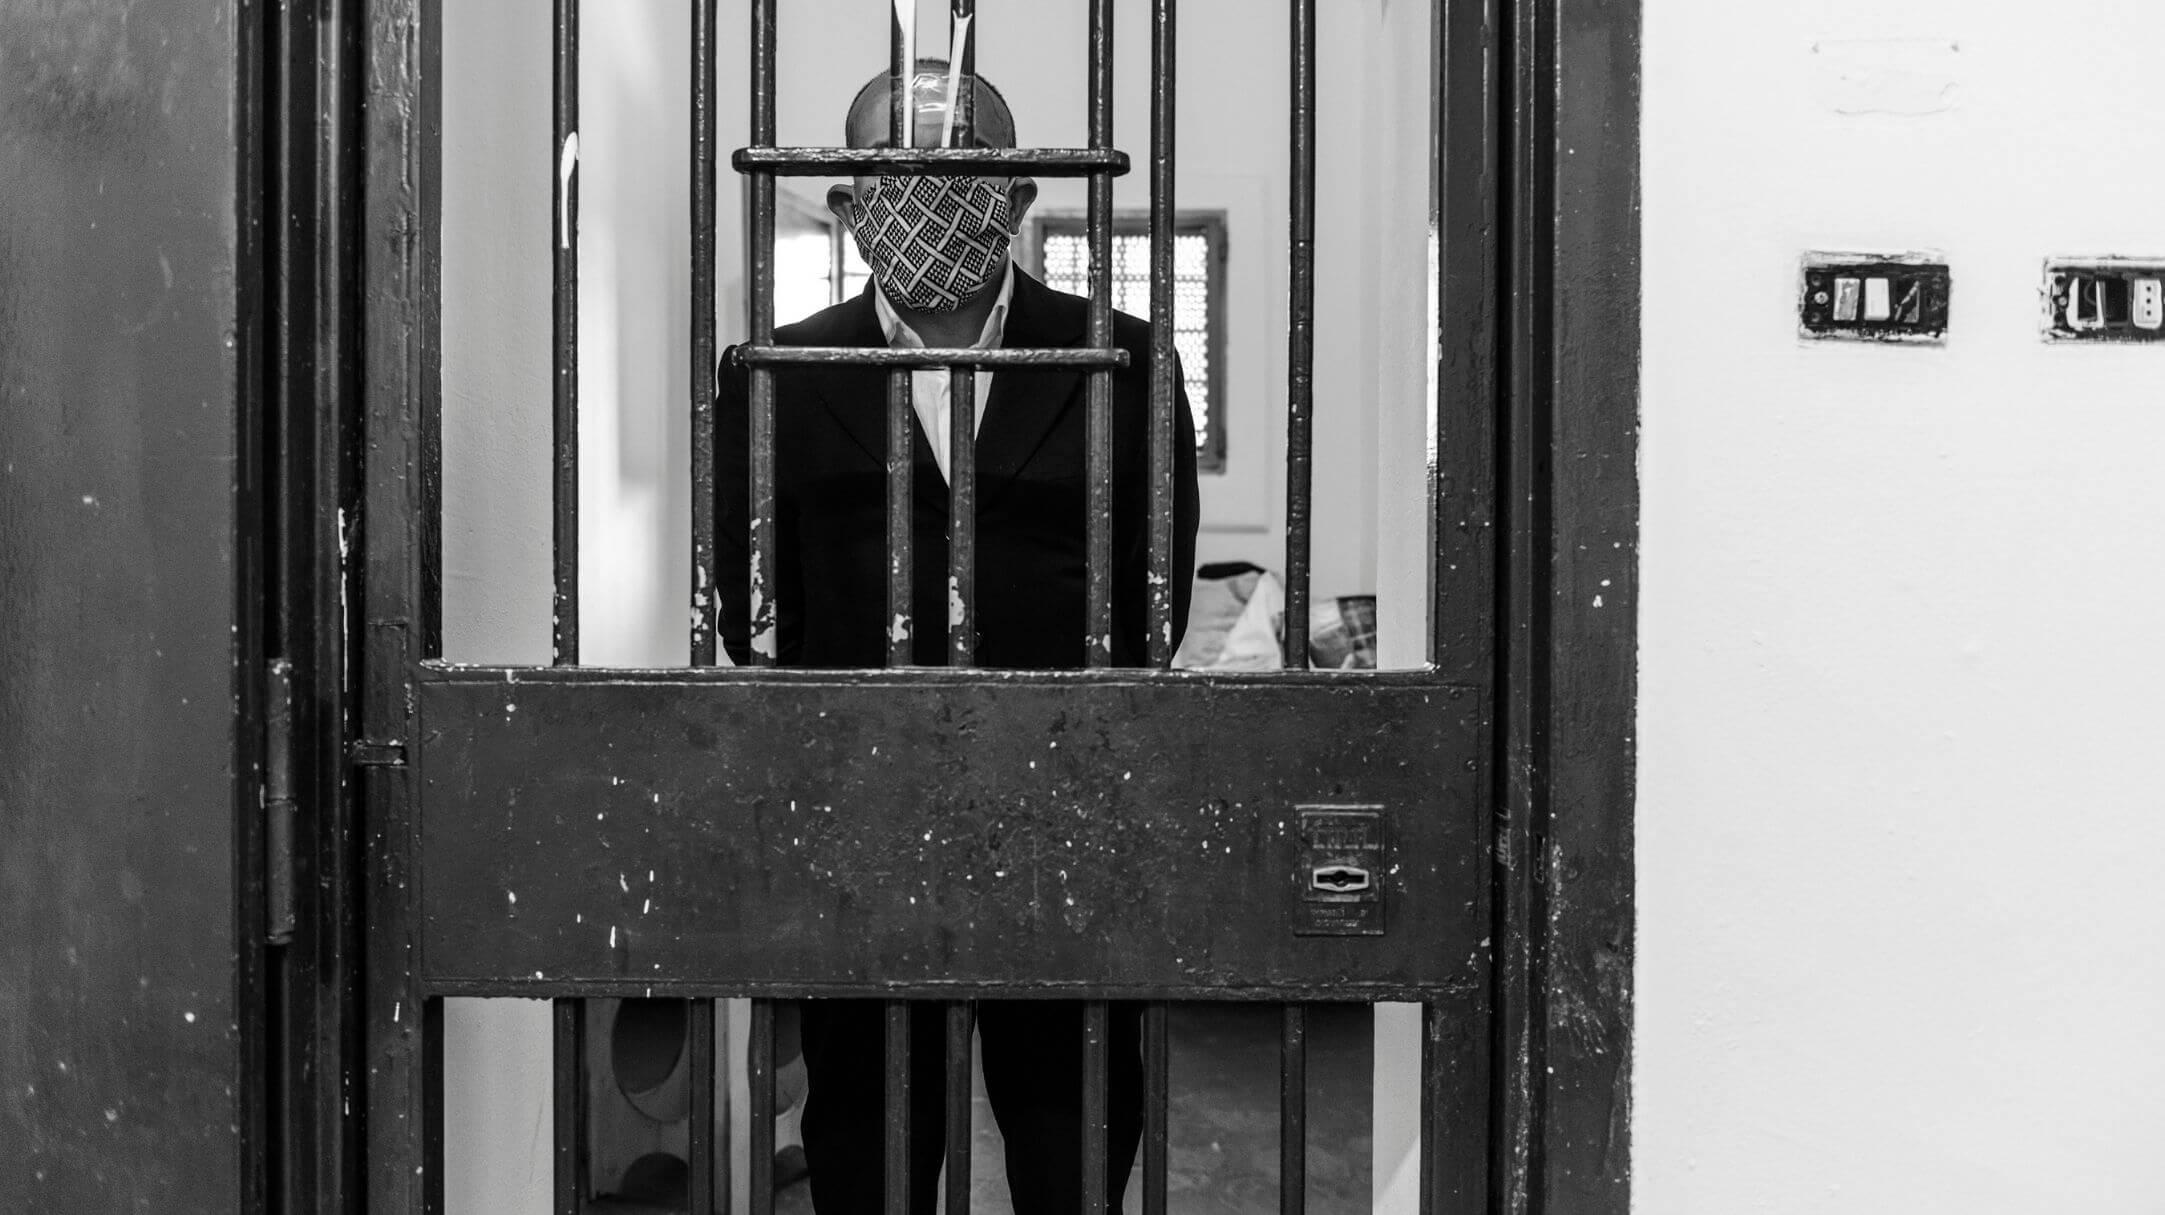 Cella del carcere di San Vittore, a Milano